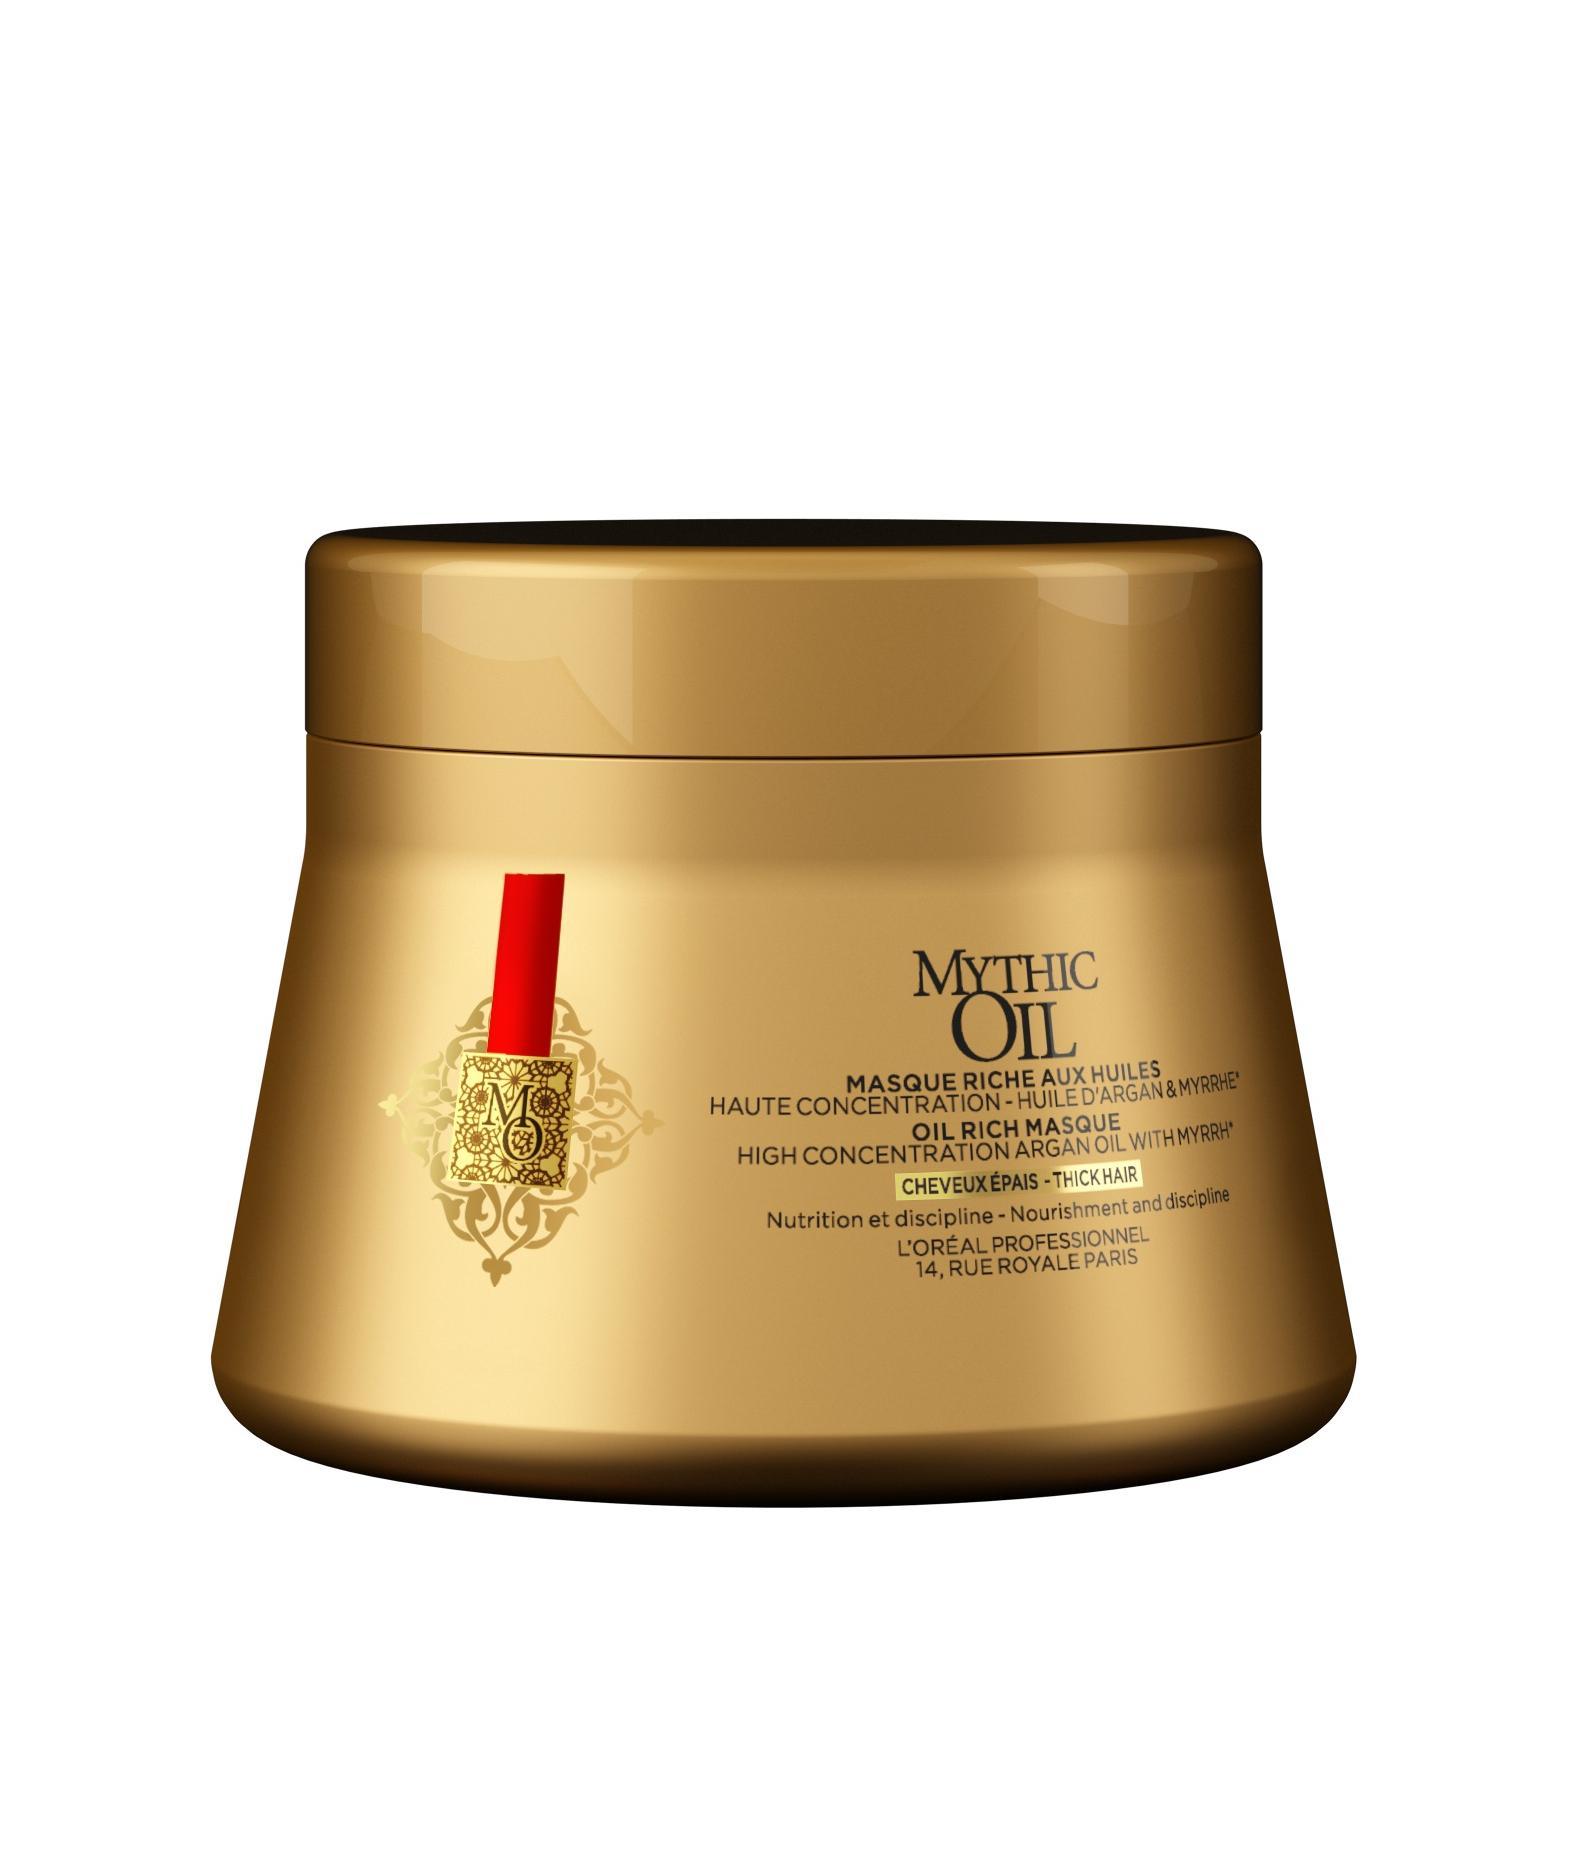 LOREAL PROFESSIONNEL Маска для плотных волос / MYTHIC OIL 250 млМаски<br>Loreal Mythic Oil Маска для толстых волос. Усиление блеска защита и питание для толстых, непослушных волос. Маска с высокой концентрации арганового масла. Обогащенная экстрактом мирры. Обеспечивает волосам мгновенное глубокого питание. Заметно улучшает текстуру волос, облегчает укладку и придает максимальный блеск. Протестировано под дерматологическим контролем. Не содержит парабенов. Активные ингредиенты: аргановое масло и экстракт мирры. Способ применения: нанесите на чистые влажные волосы с середины до кончиков. Оставьте на 3 минуты. Тщательно смойте.<br>